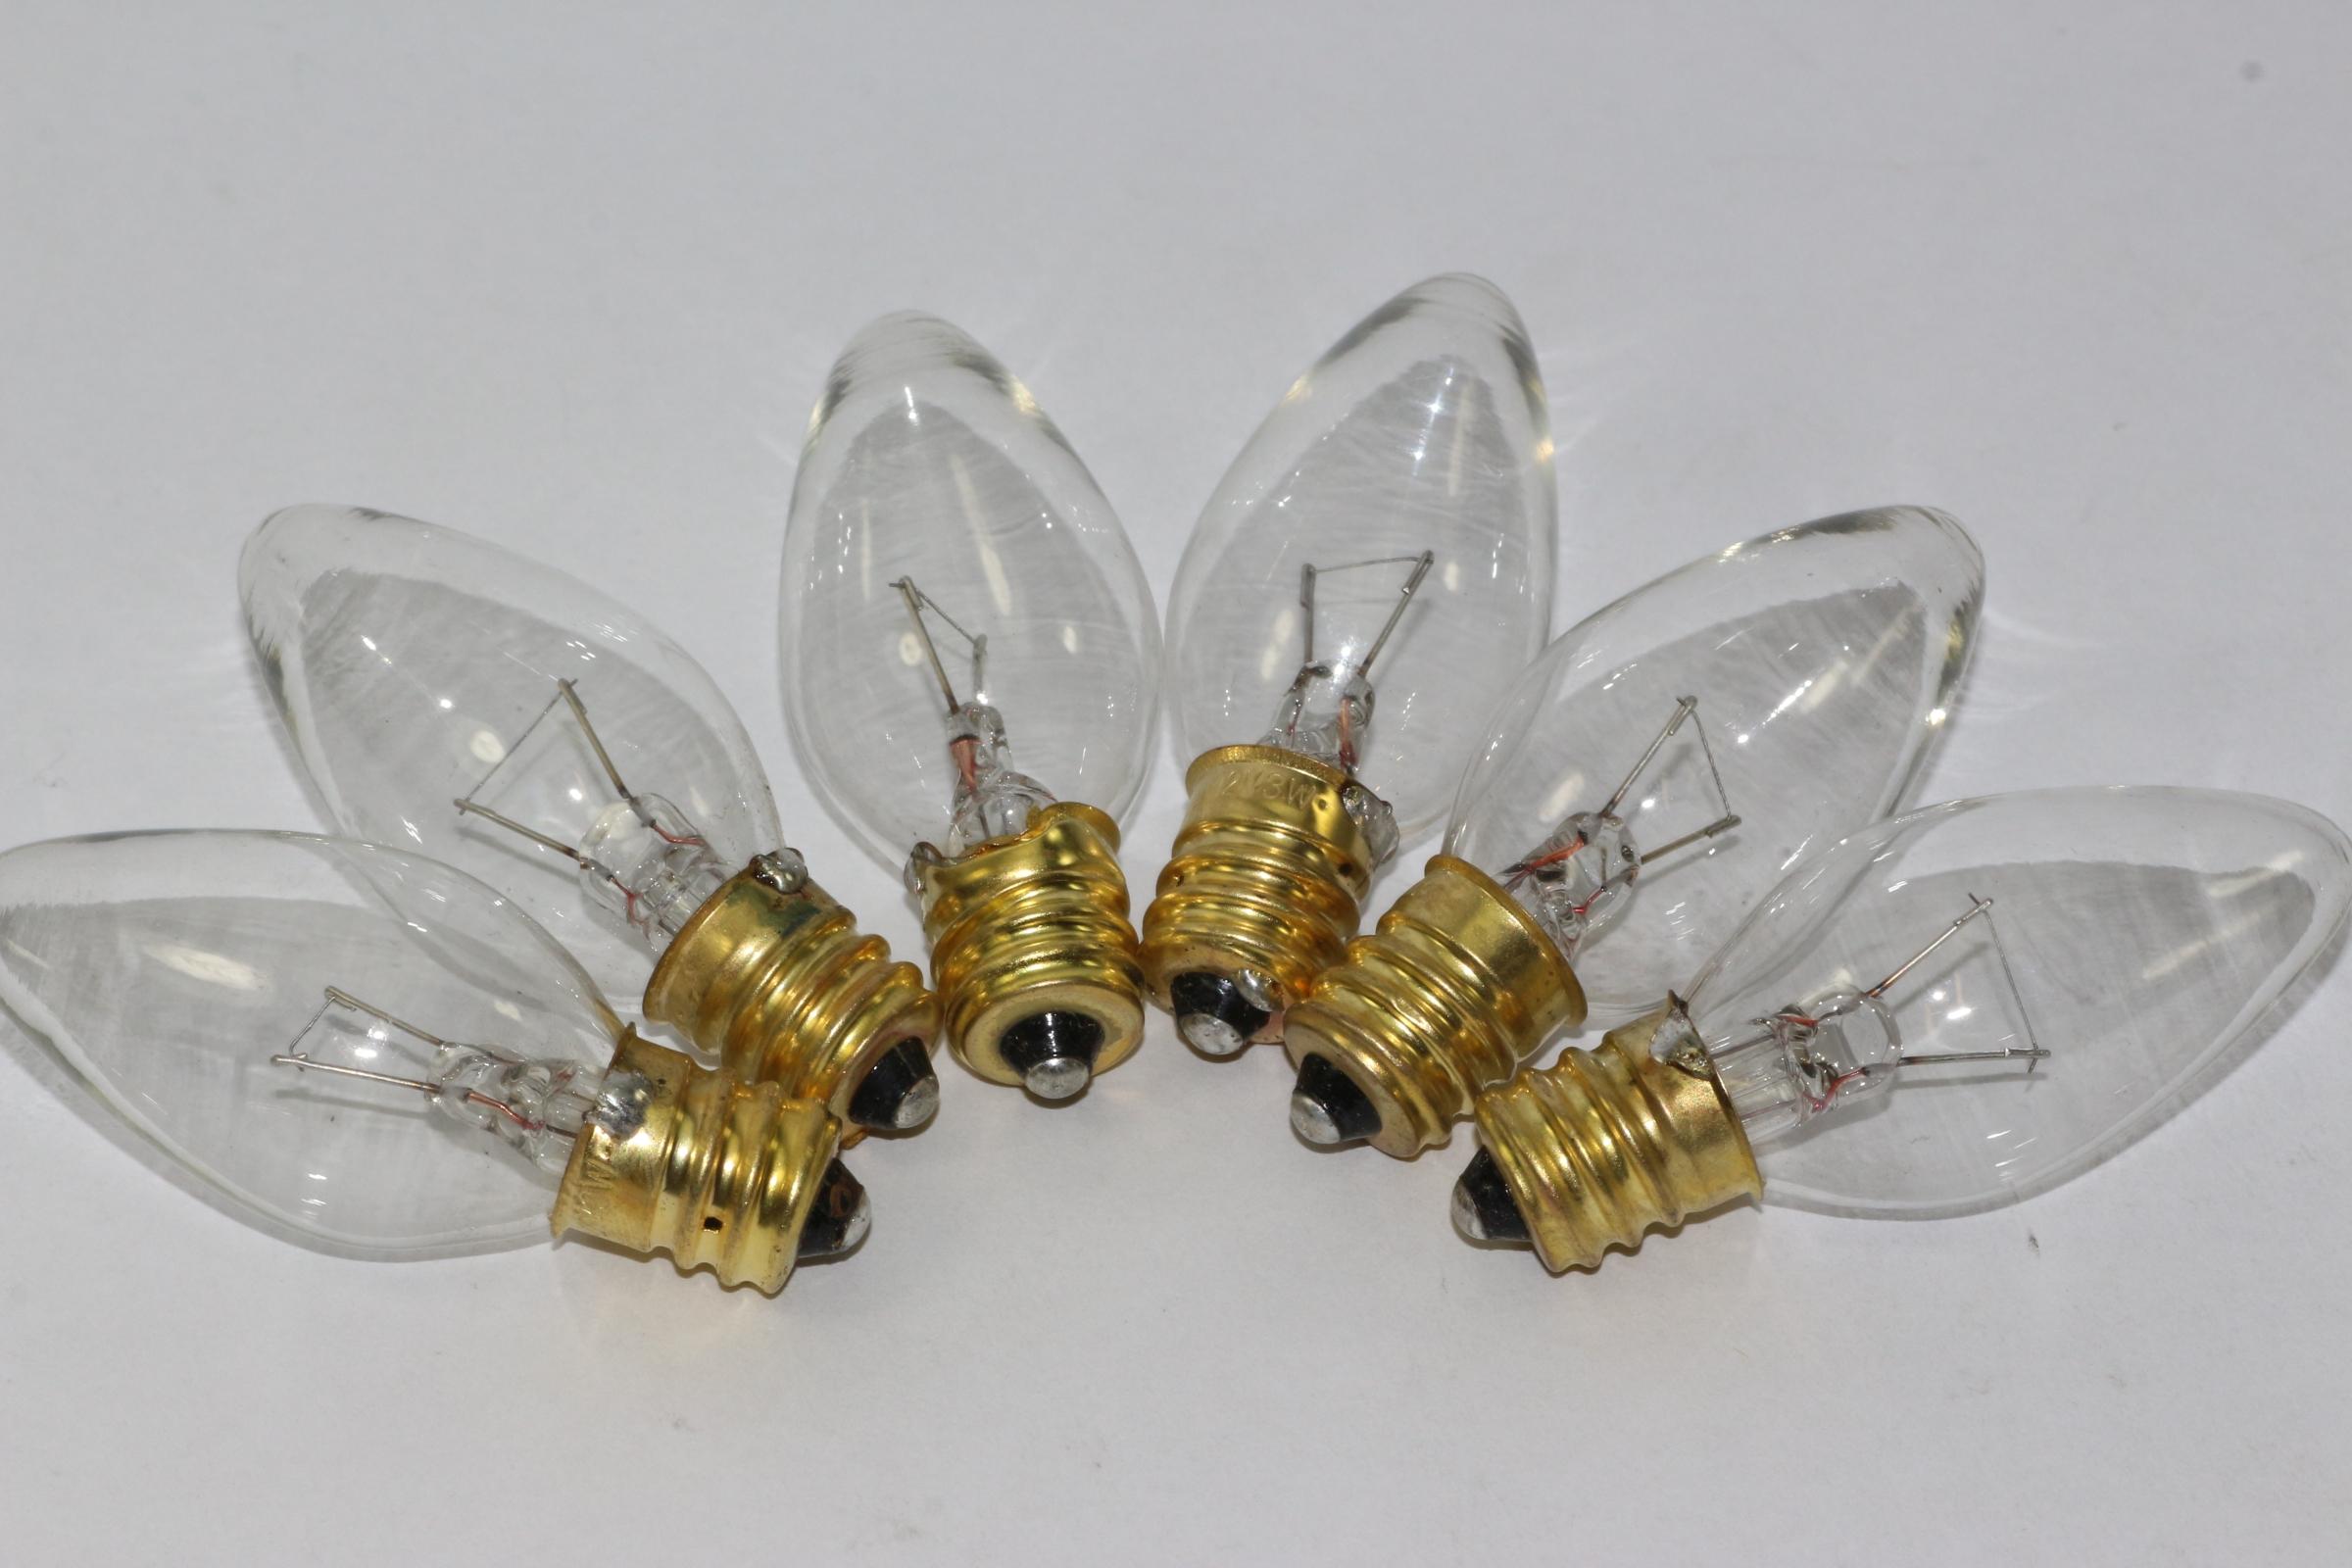 Ersatzglühbirnen Für Weihnachtsbeleuchtung.Details Zu 6 X 12v 3w 0 25a E12 Klar Weihnachtsbeleuchtung Ersatz Glühbirnen Pifco Dencon